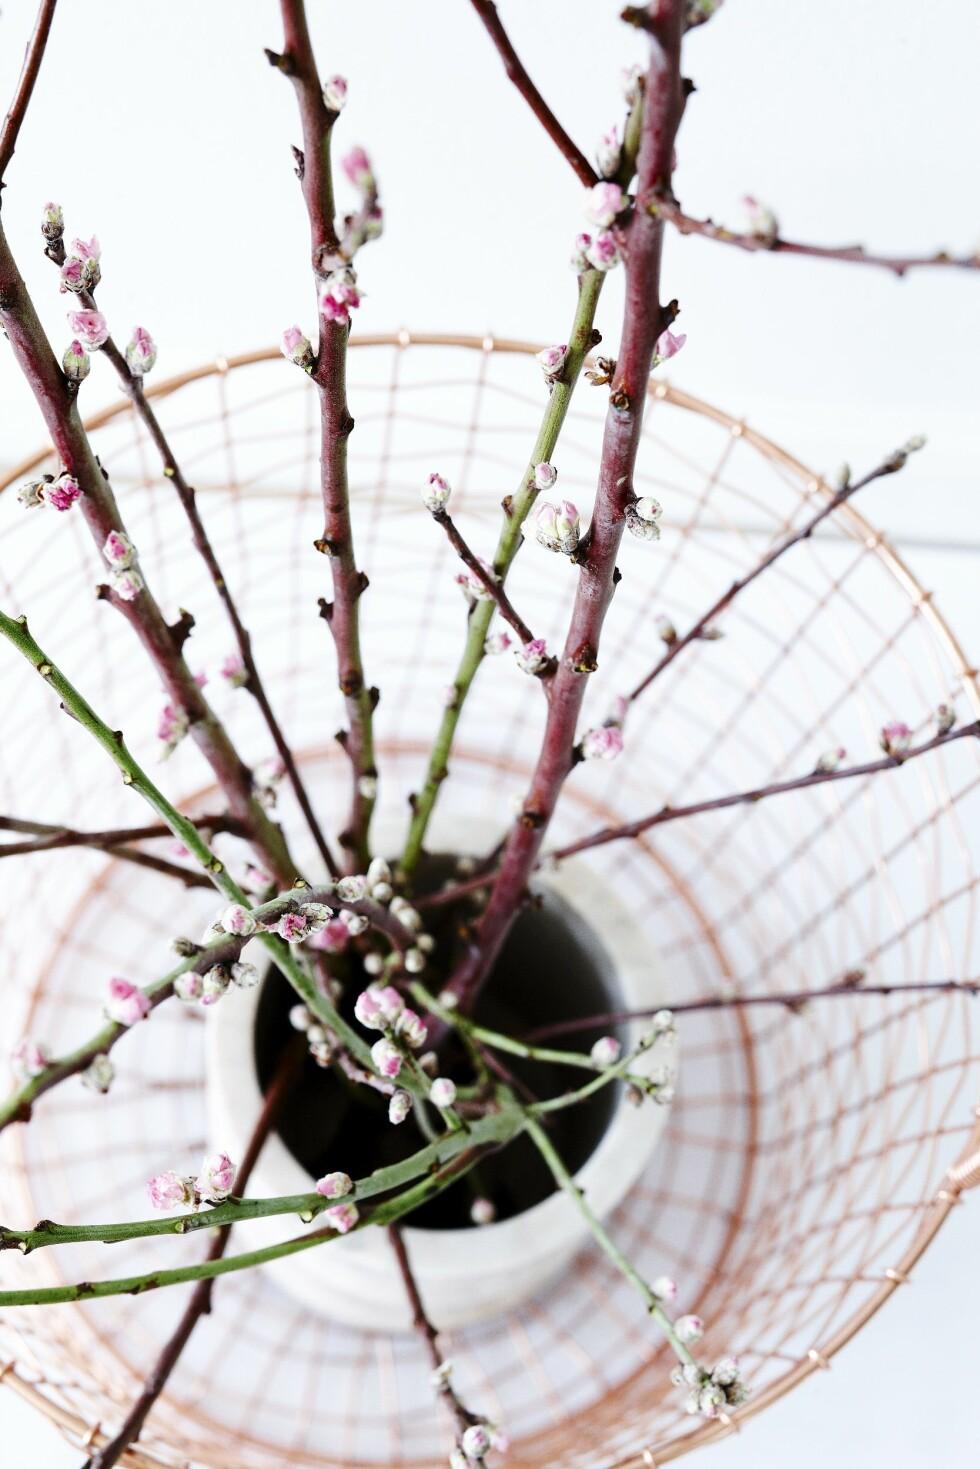 Kvister med små knopper på gir deg en liten touch av vår inne.  Foto: Mette Wotkjær